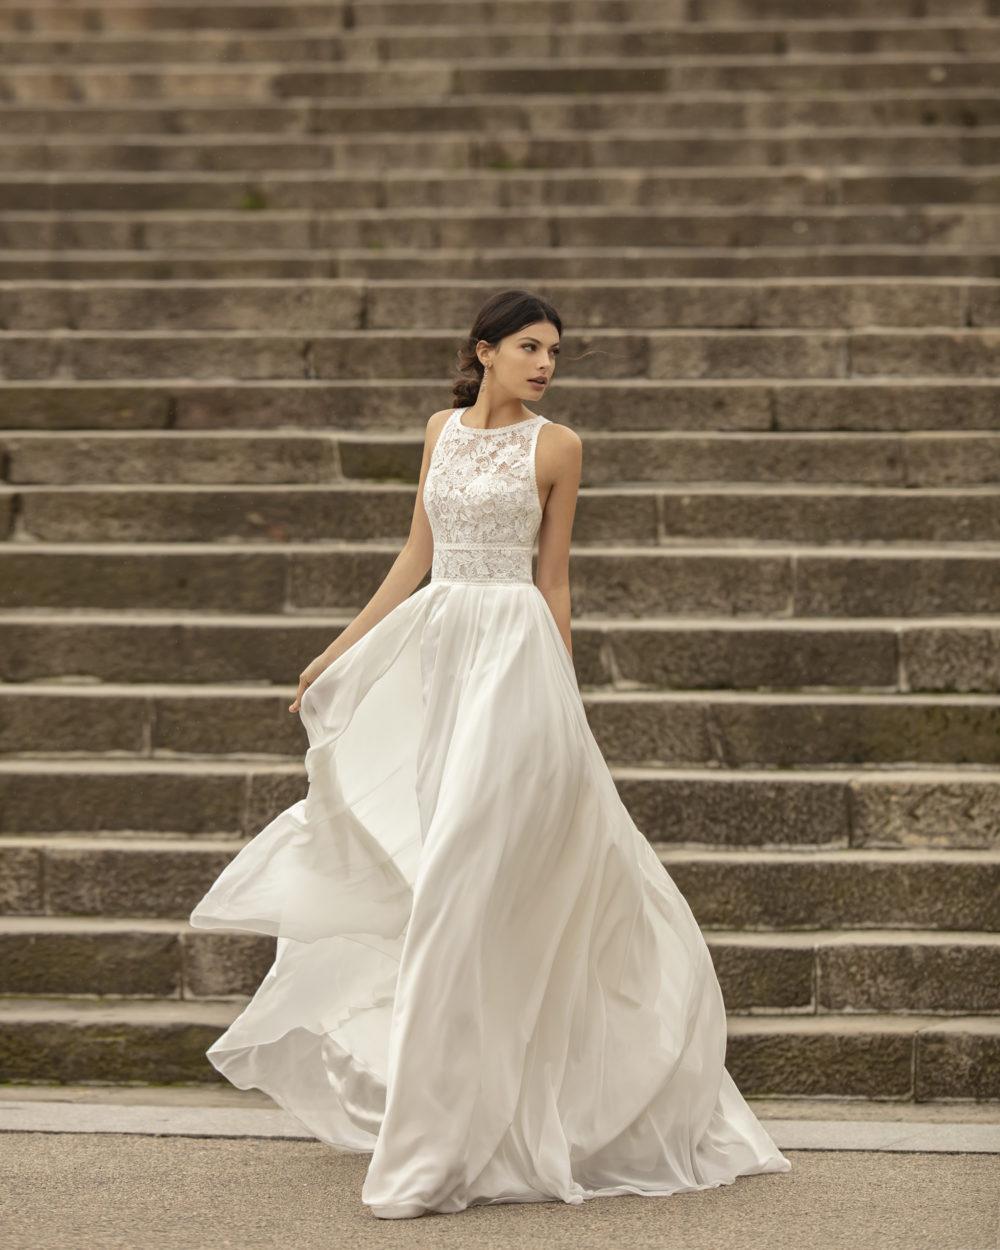 Mariages: abito da sposa Rosa Clarà 2020 a Vicenza, Verona, Padova, Veneto 4B131 OFIM